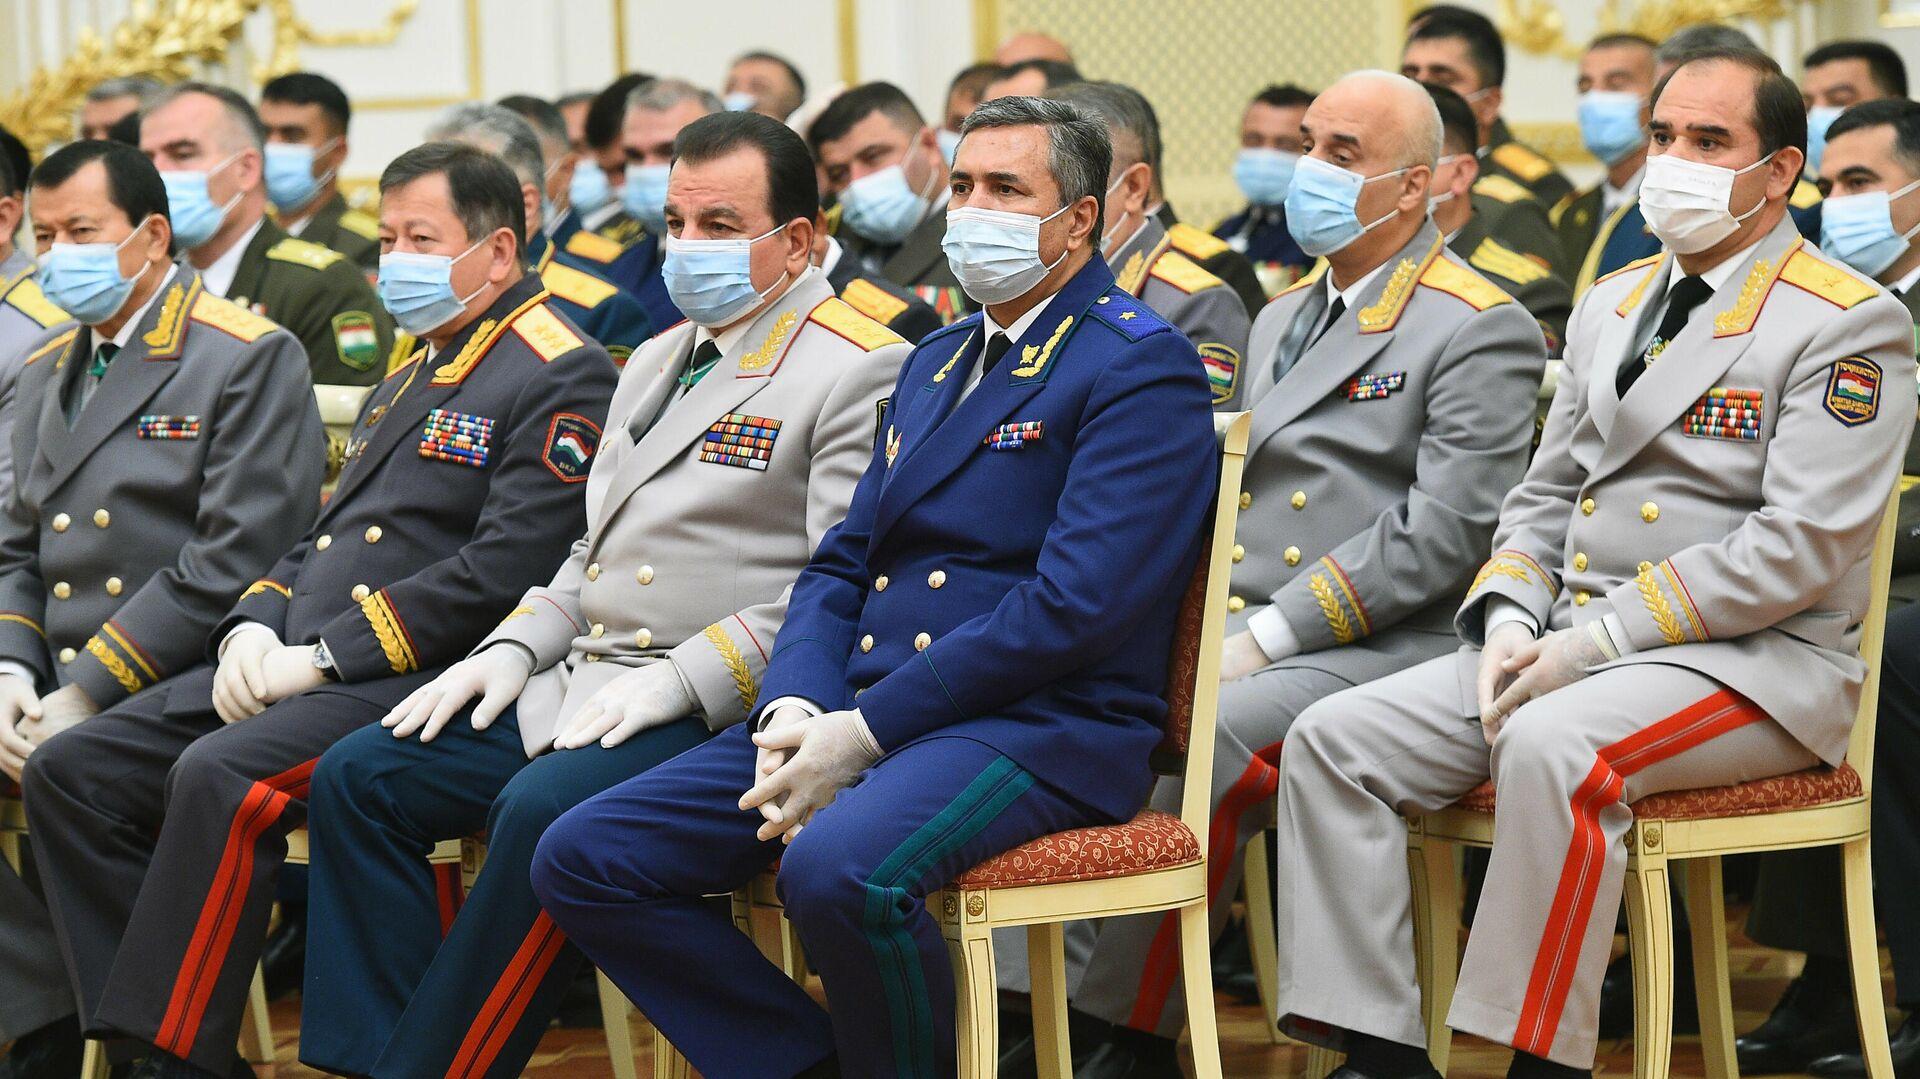 Церемония вручения государственных наград силовикам и военным Республики Таджикистан - Sputnik Таджикистан, 1920, 25.08.2021